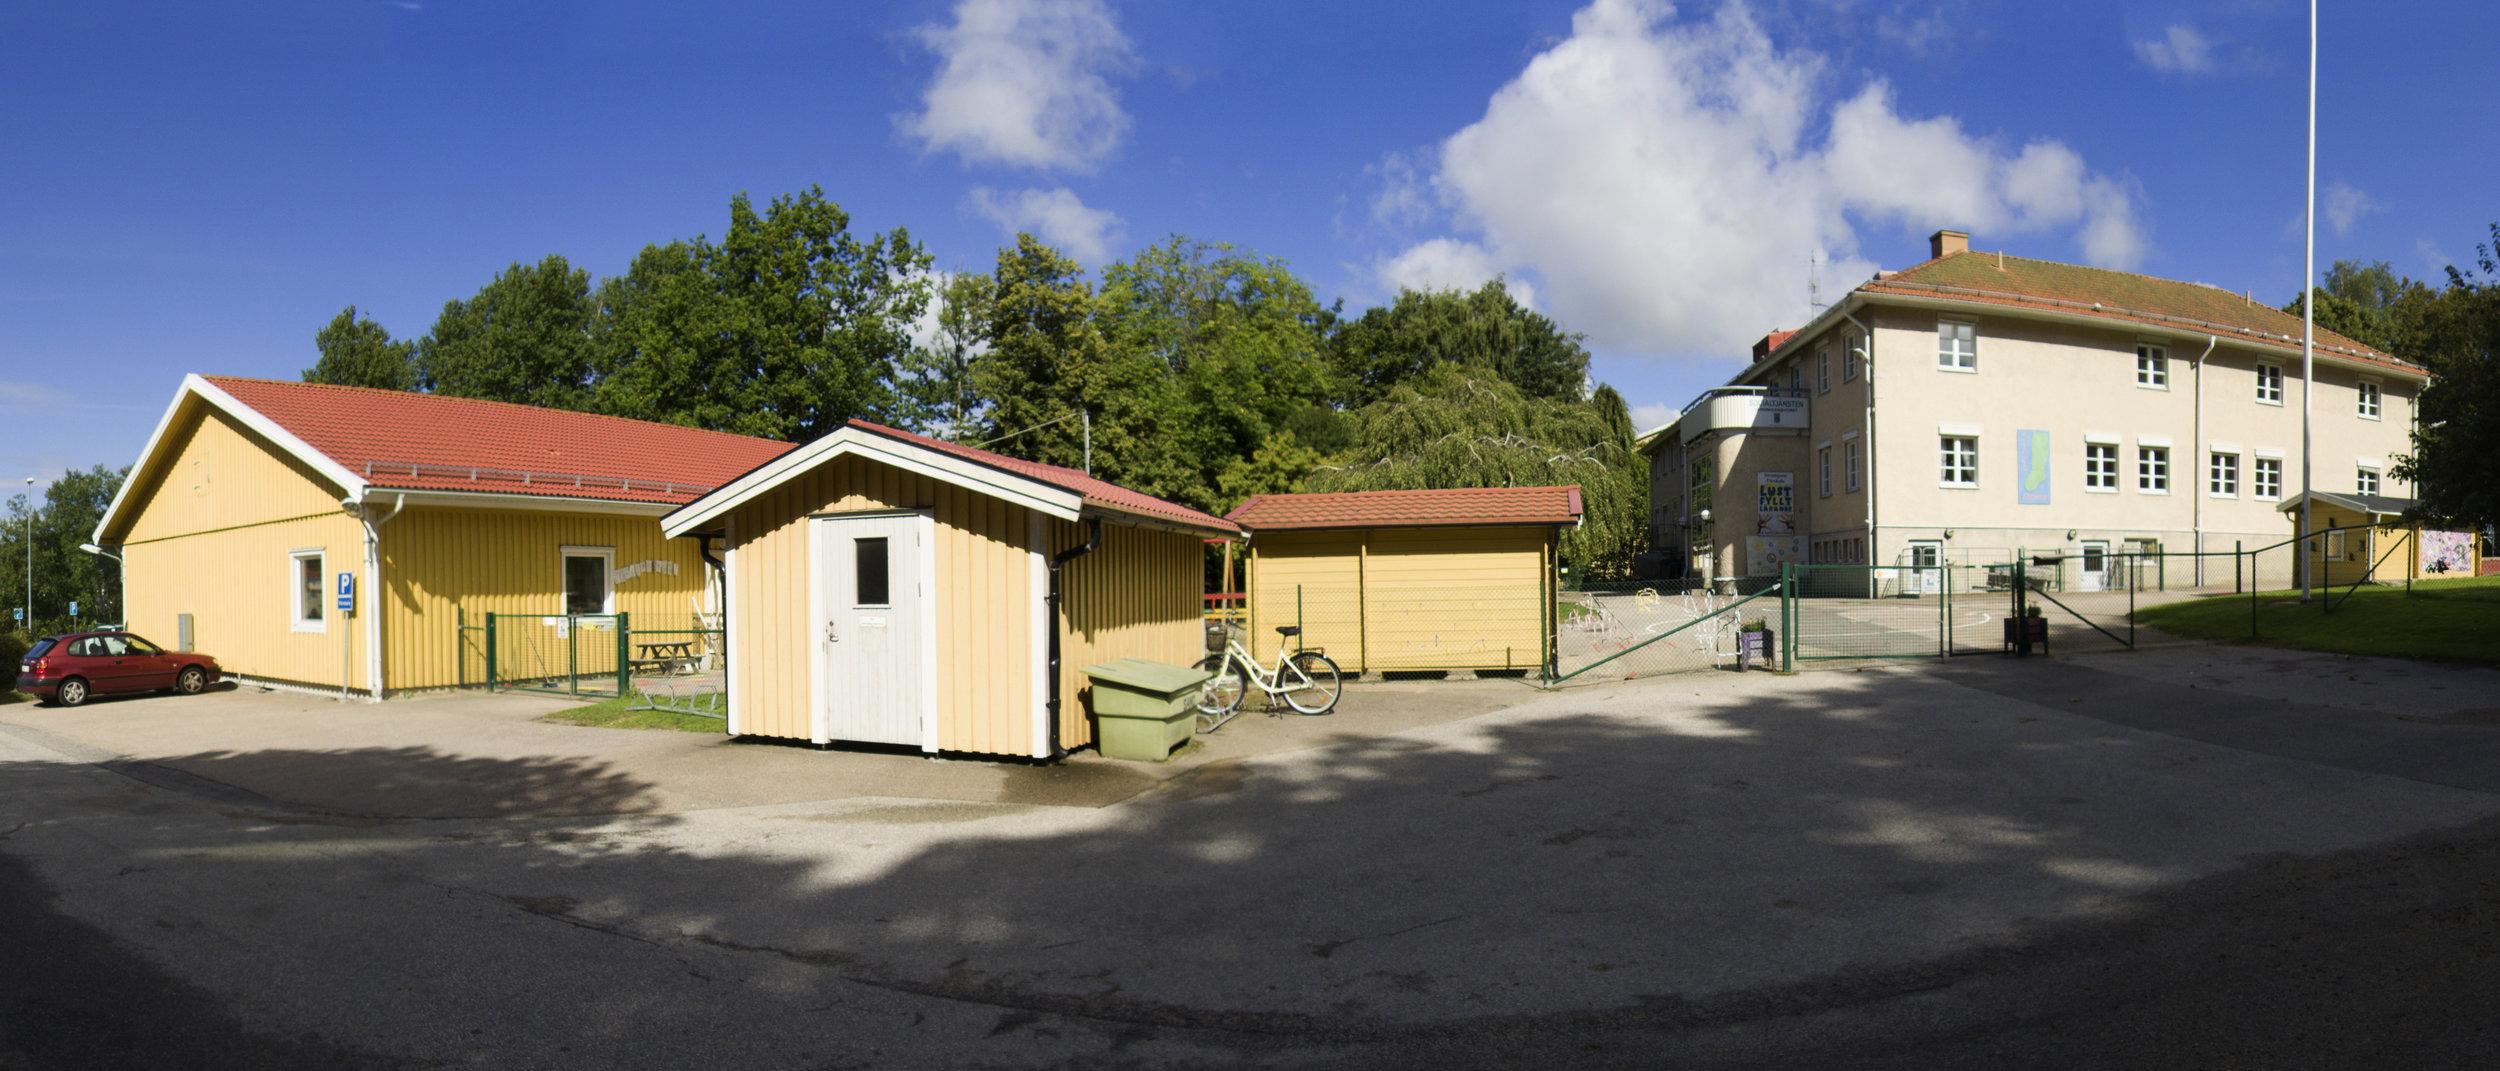 Strumpans Förskola